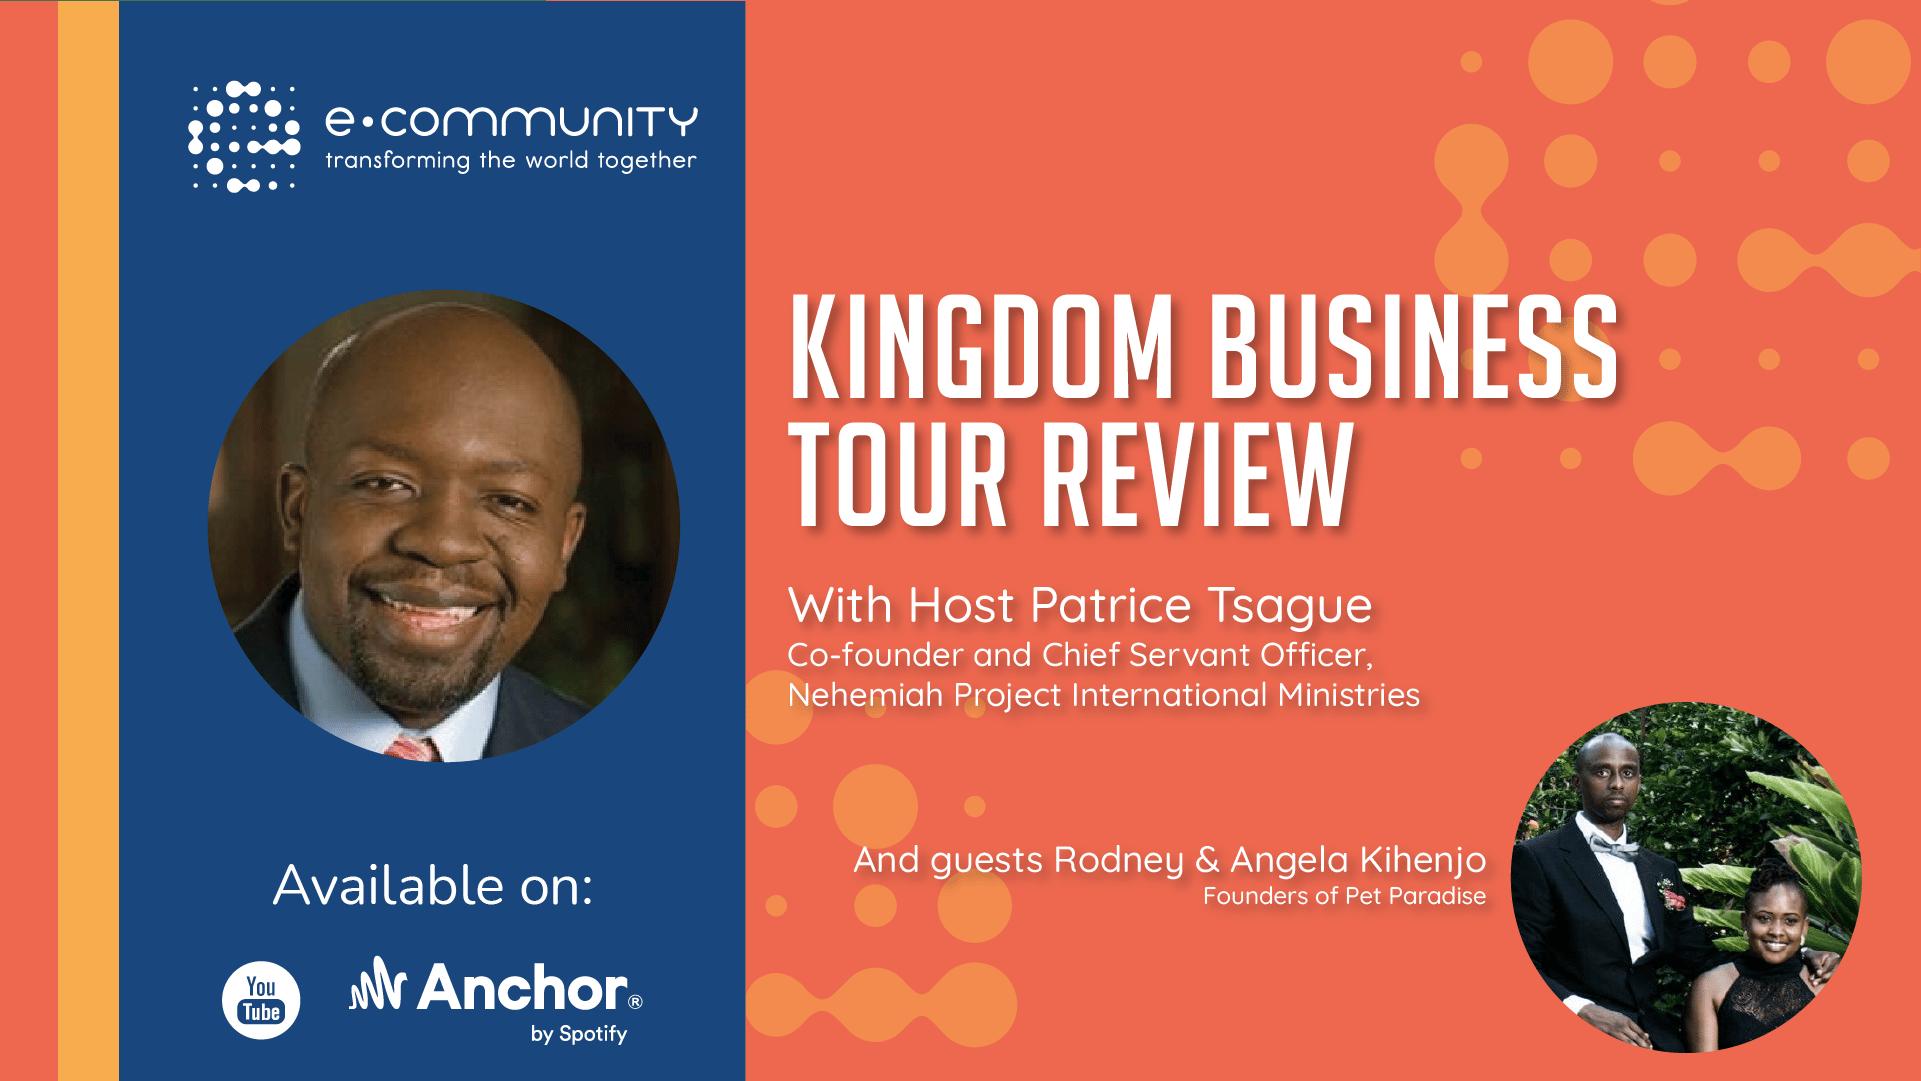 Kingdom Business Tour Review